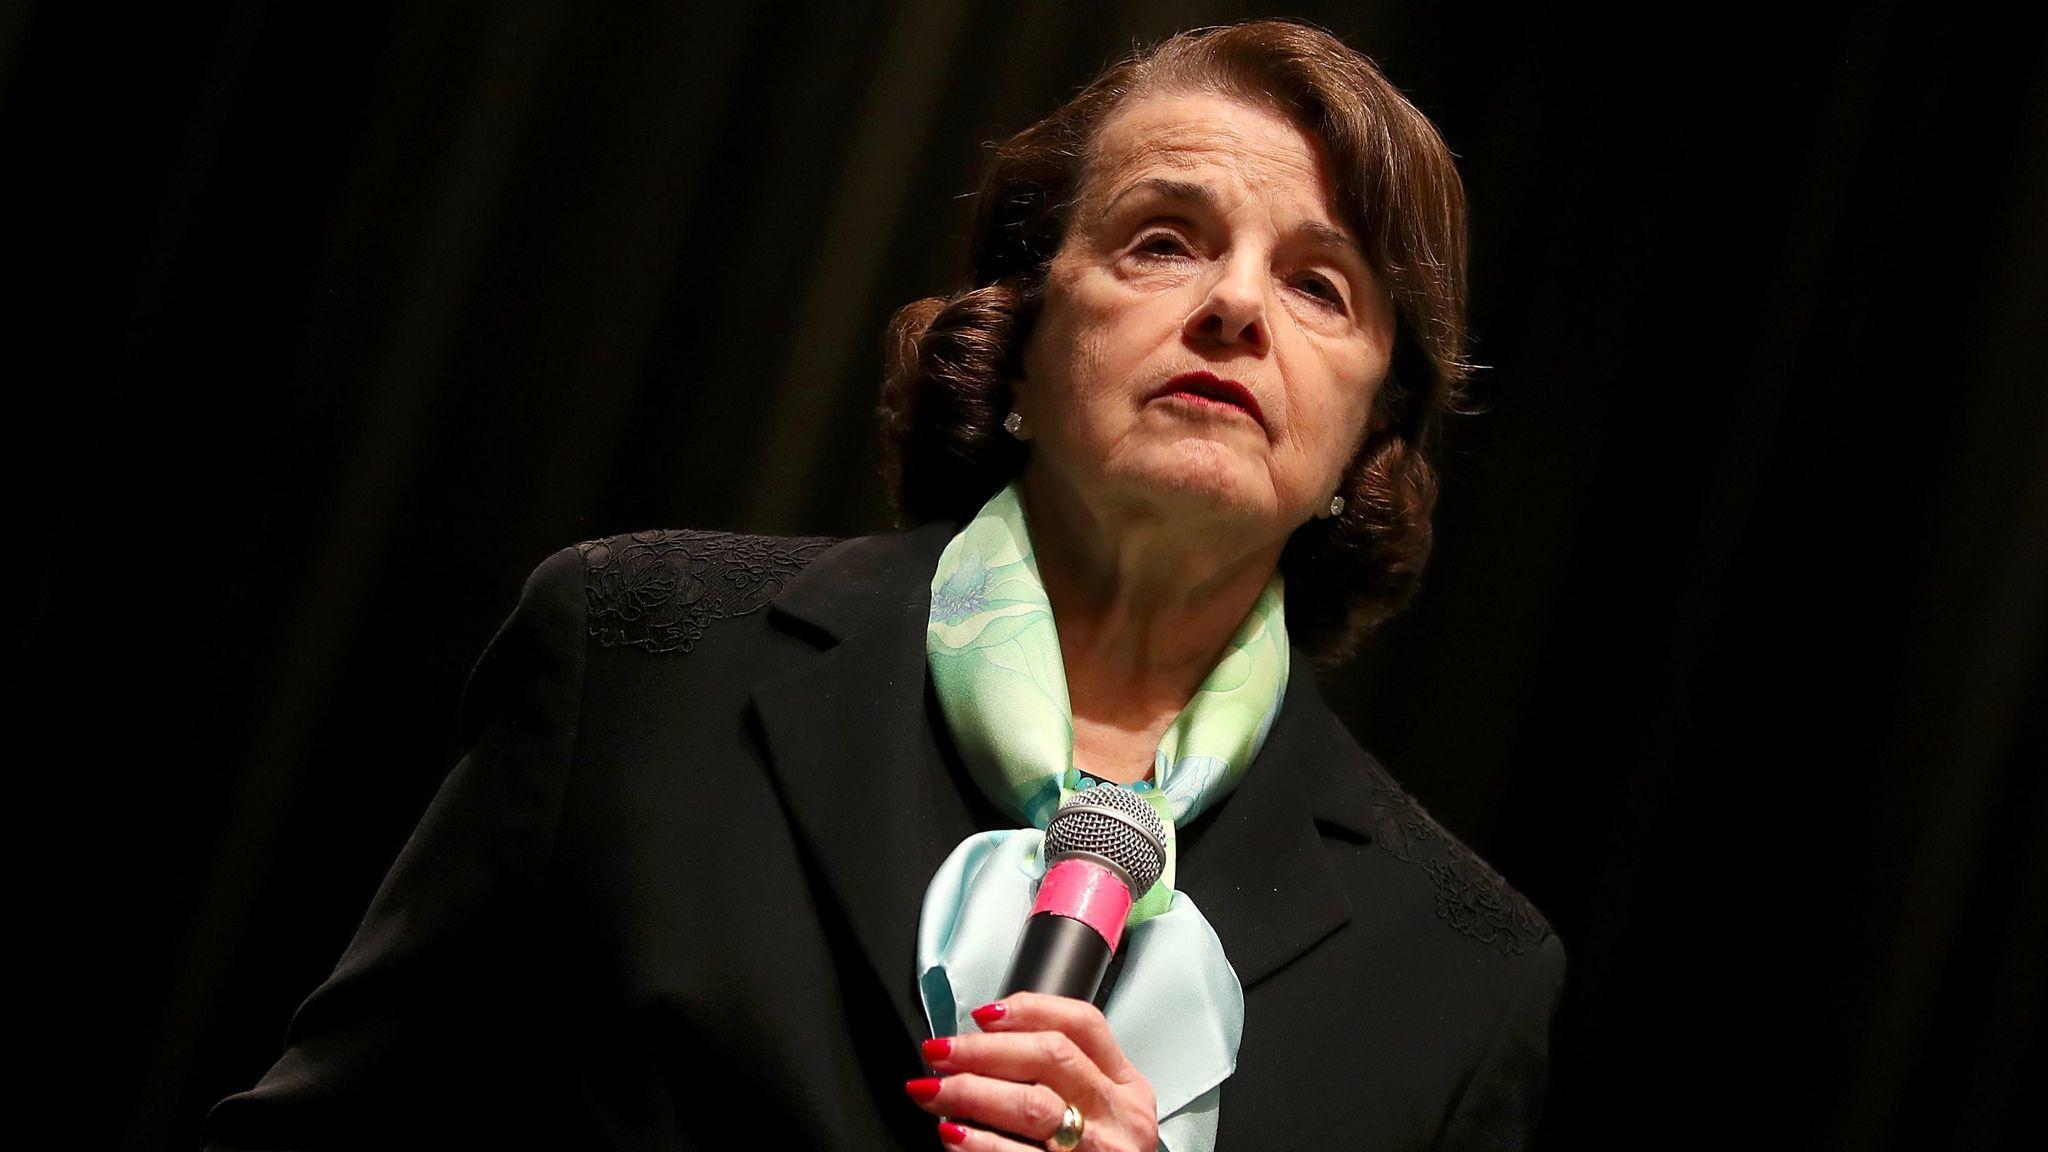 U.S. Sen. Dianne Feinstein (D-Calif.)